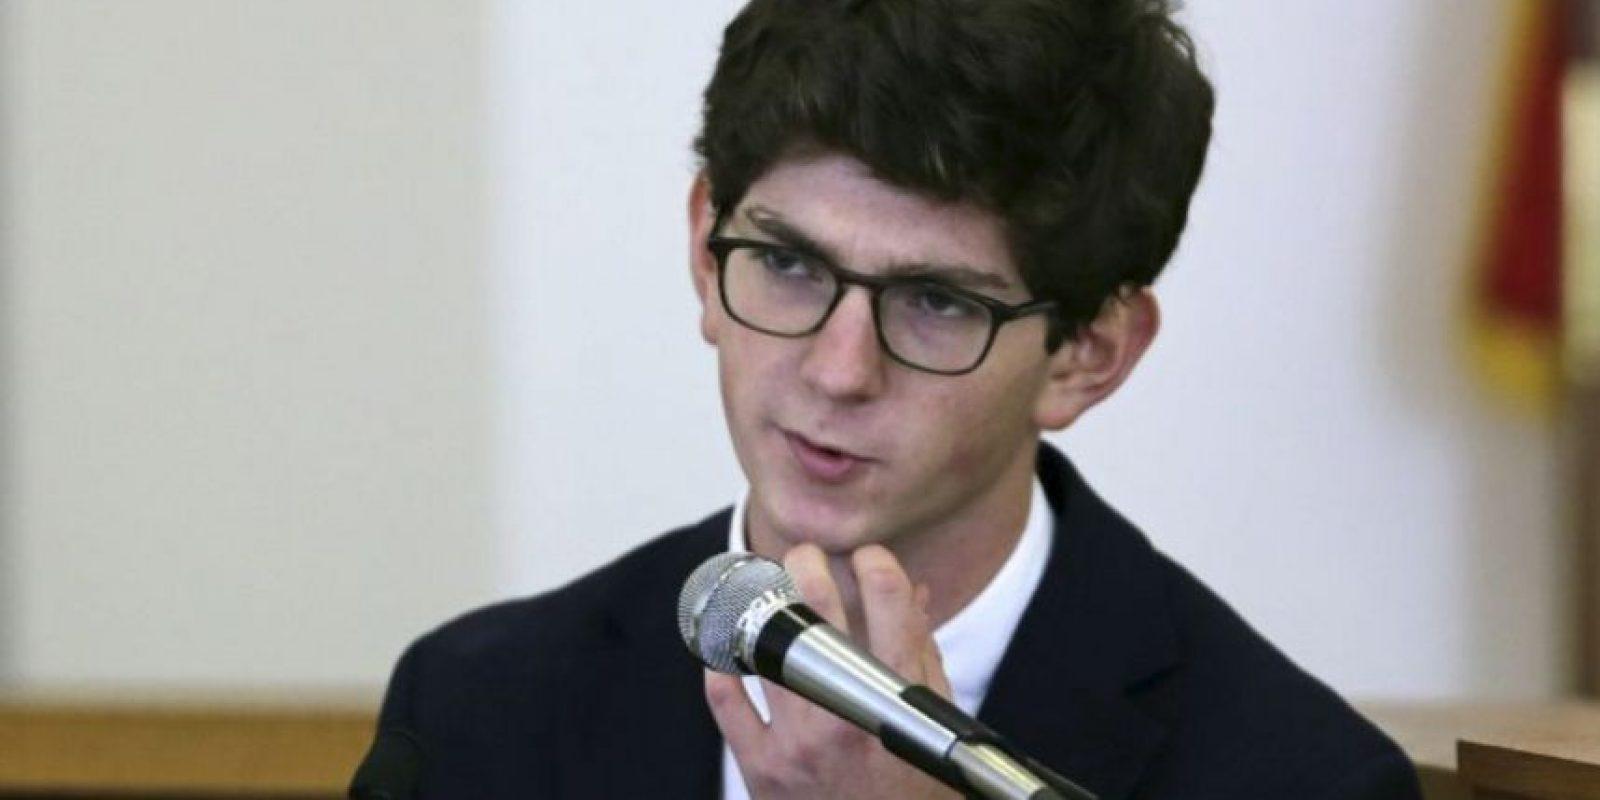 Labrie ha asegurado que tuvo un momento divino que lo hizo desistir de sostener relaciones sexuales con la menor Foto:AP